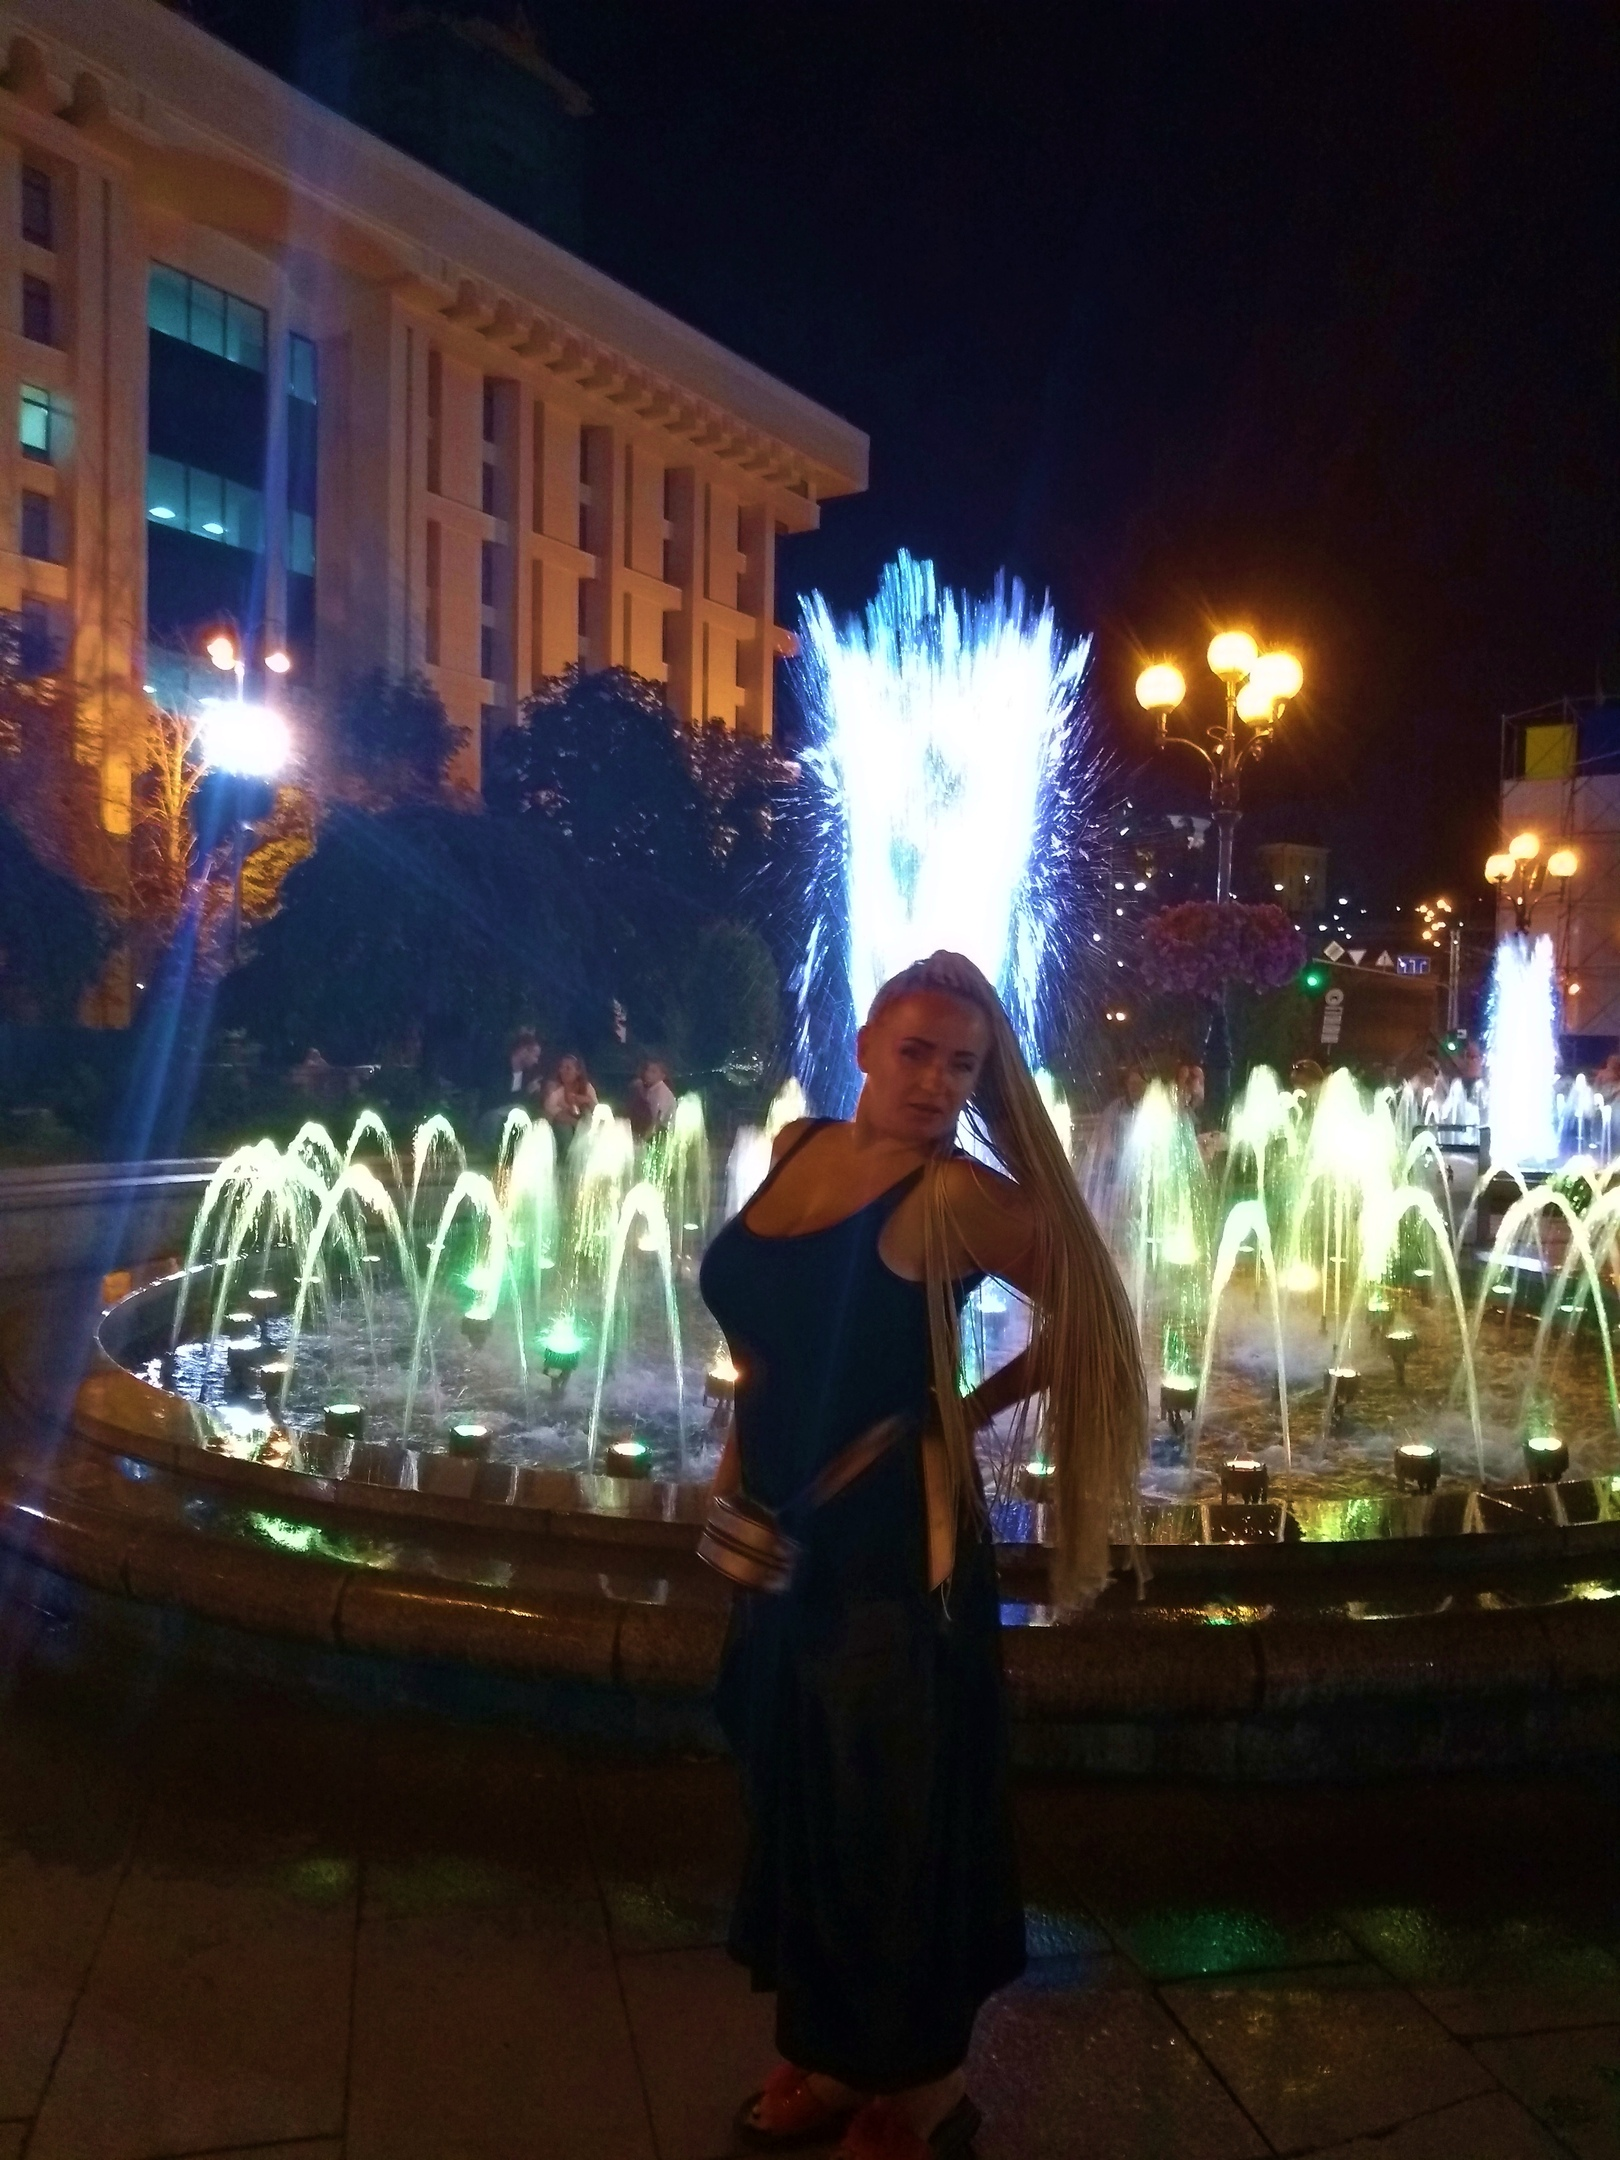 Елена Руденко (Валтея). Украина. Киев. Фото и описание.  - Страница 2 UVcoiWuR0pg